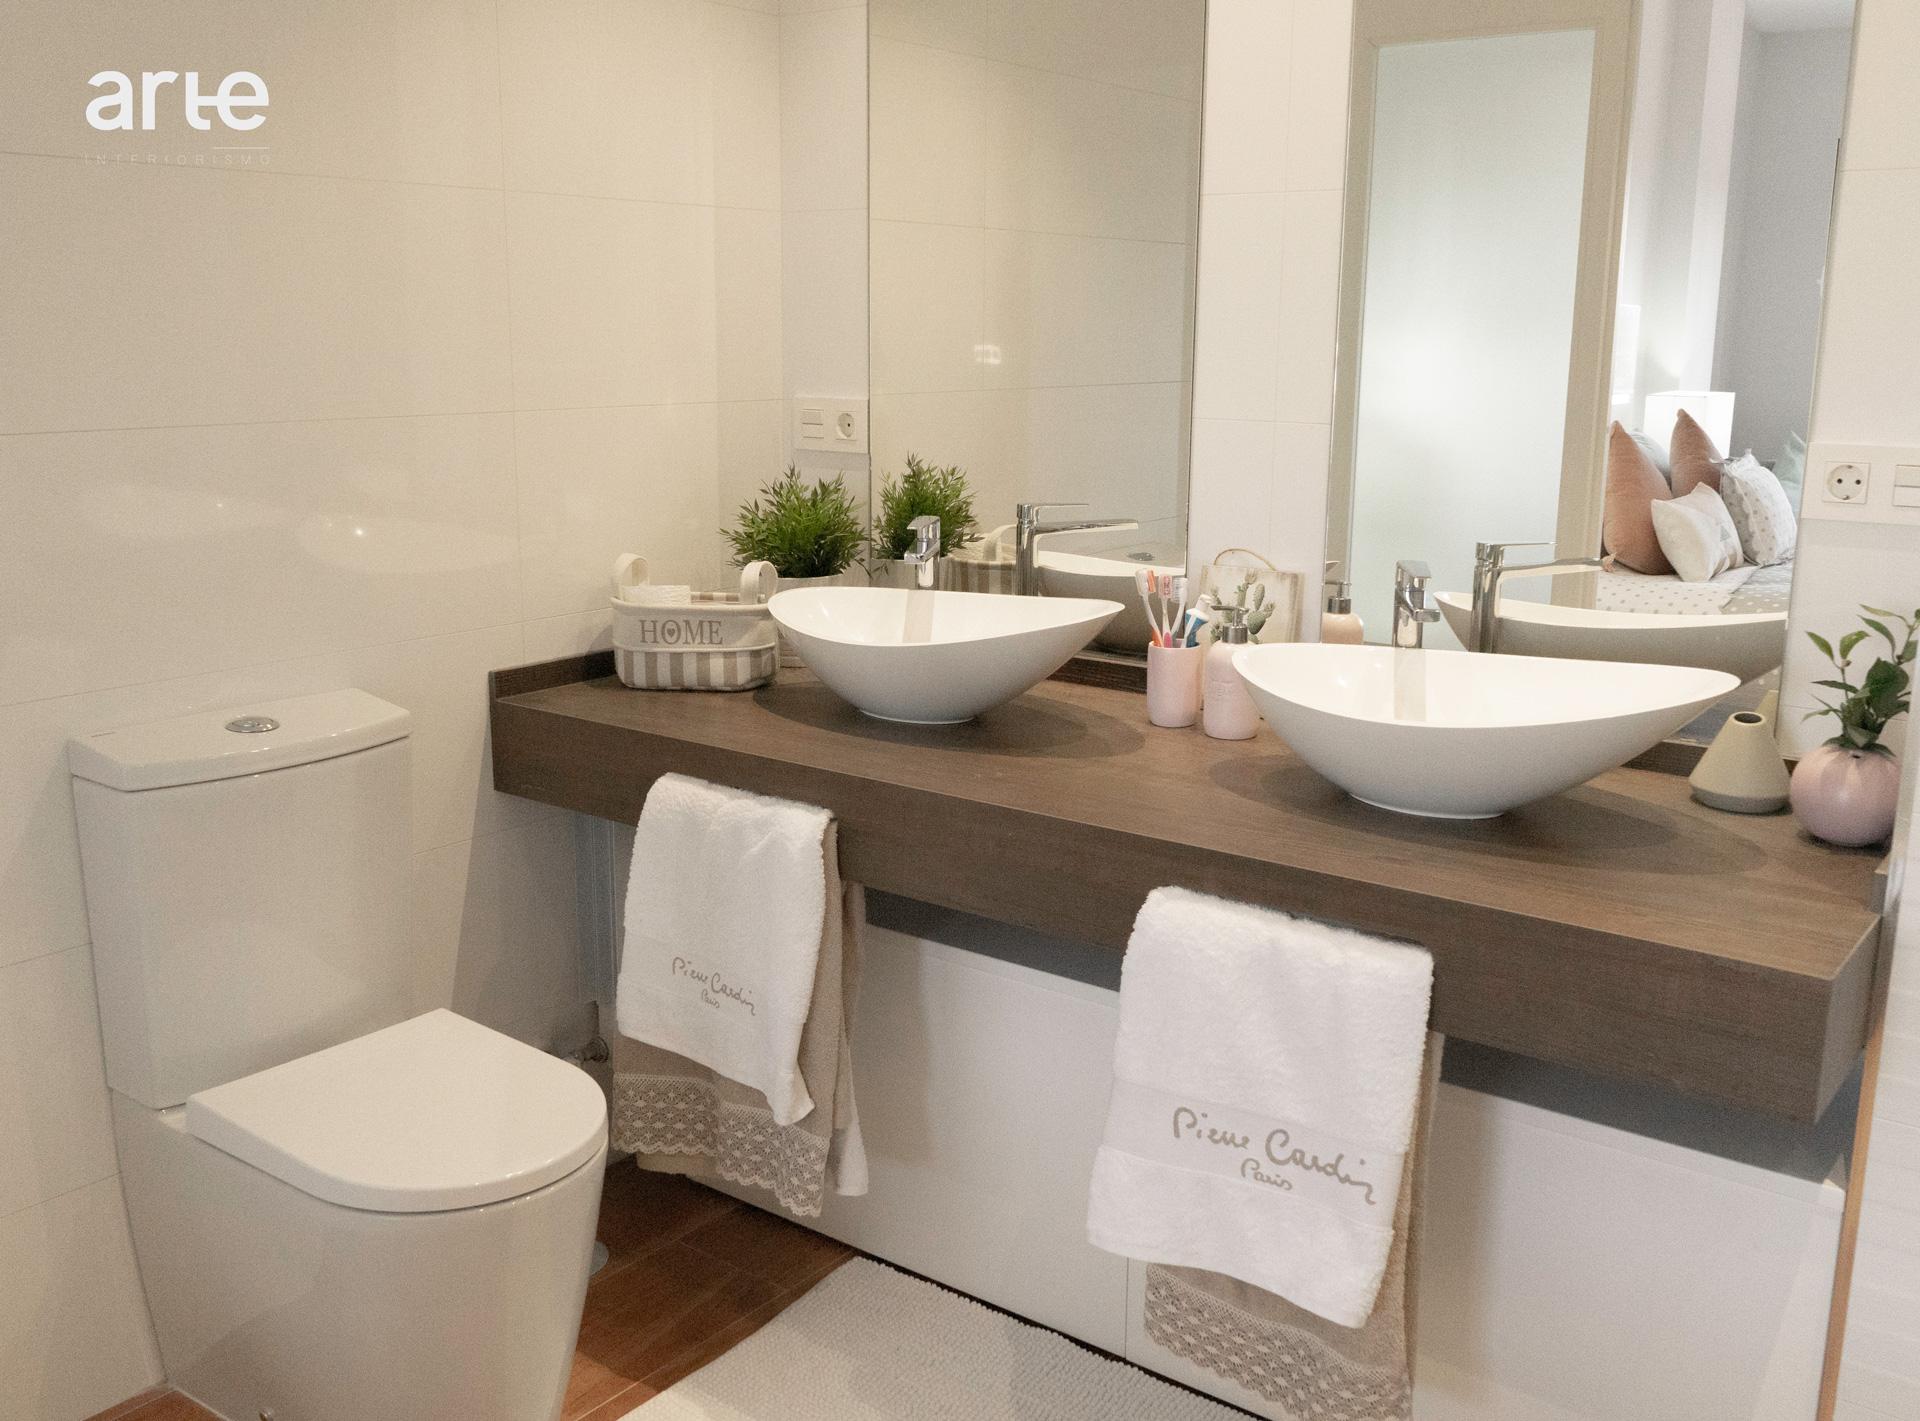 Baño diseñado por Arte Interiorismo